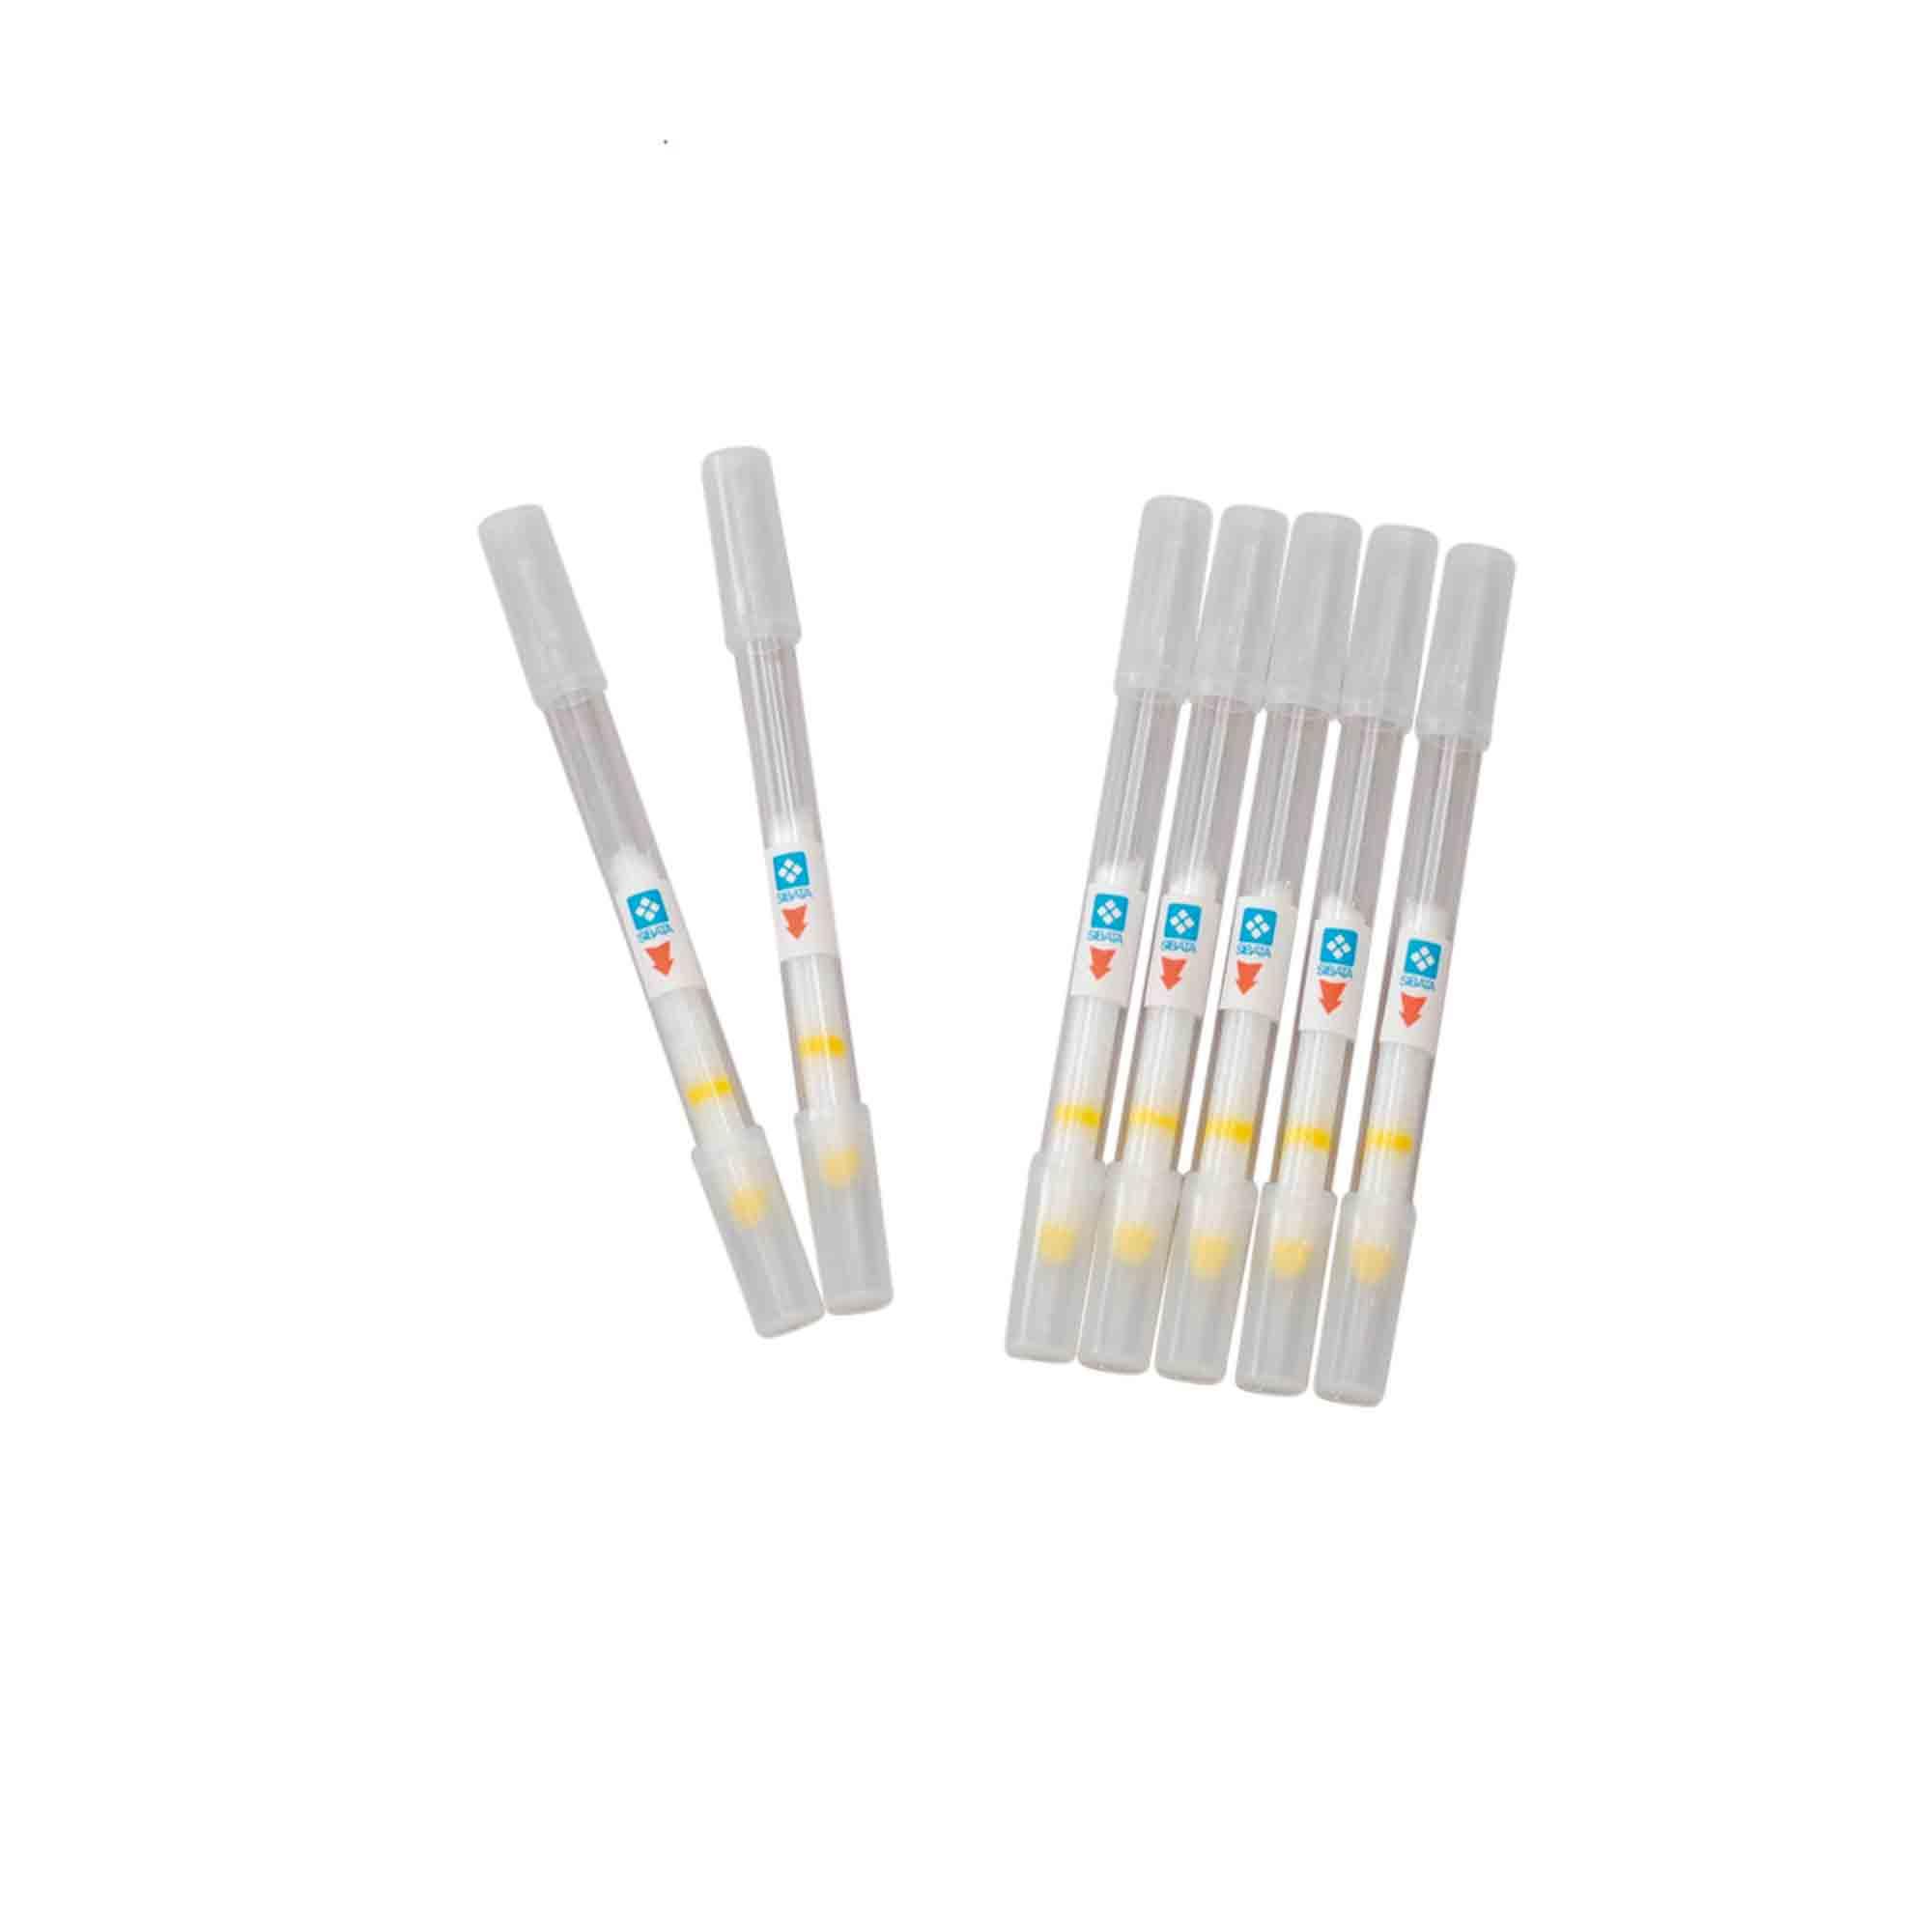 有機ガス捕集用吸着管 シリカゲルチューブ・スタンダード型(12本)